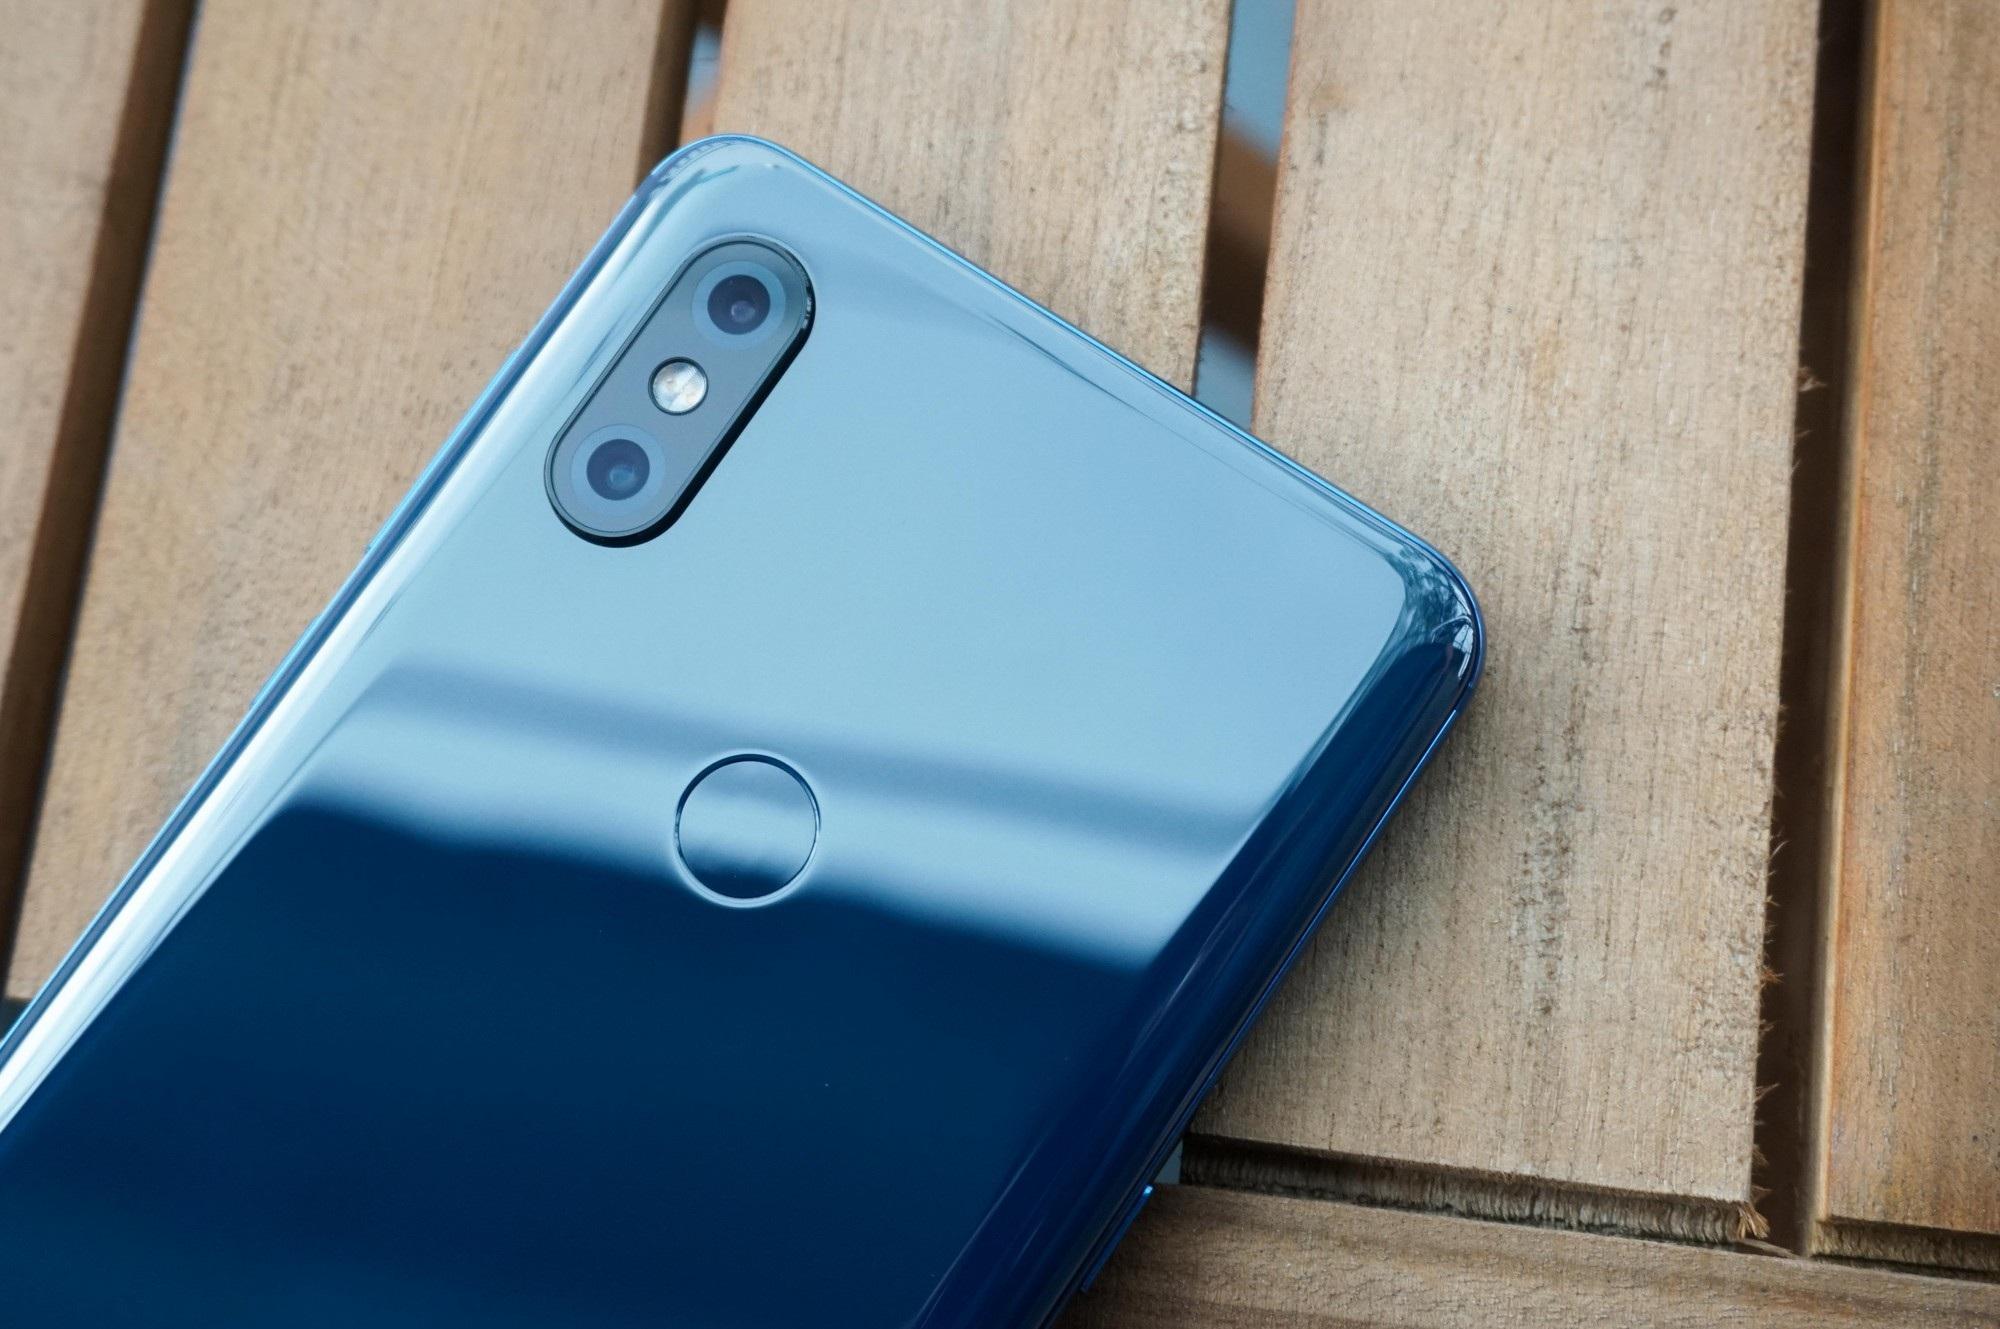 Smartphone trượt đầu tiên của Xiaomi bán tại Việt Nam với giá 12,9 triệu đồng - Ảnh 3.